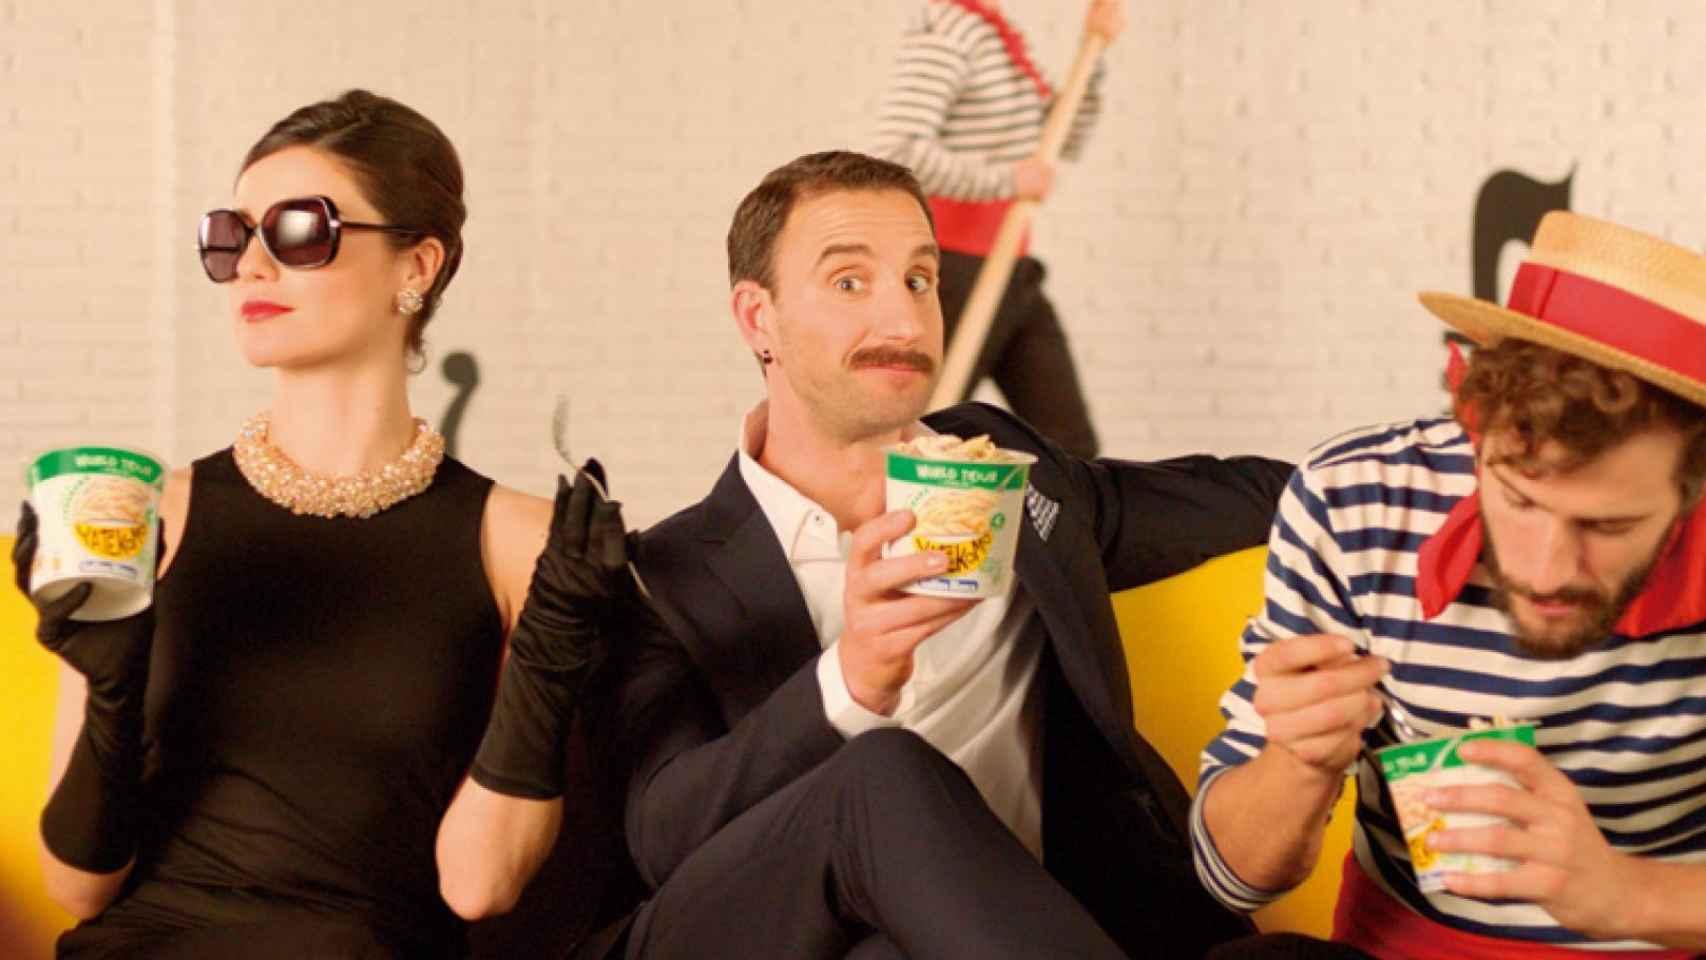 El actor Dani Rovira, protagonista de la campaña publicitaria de Yatekomo de Gallina Blanca.